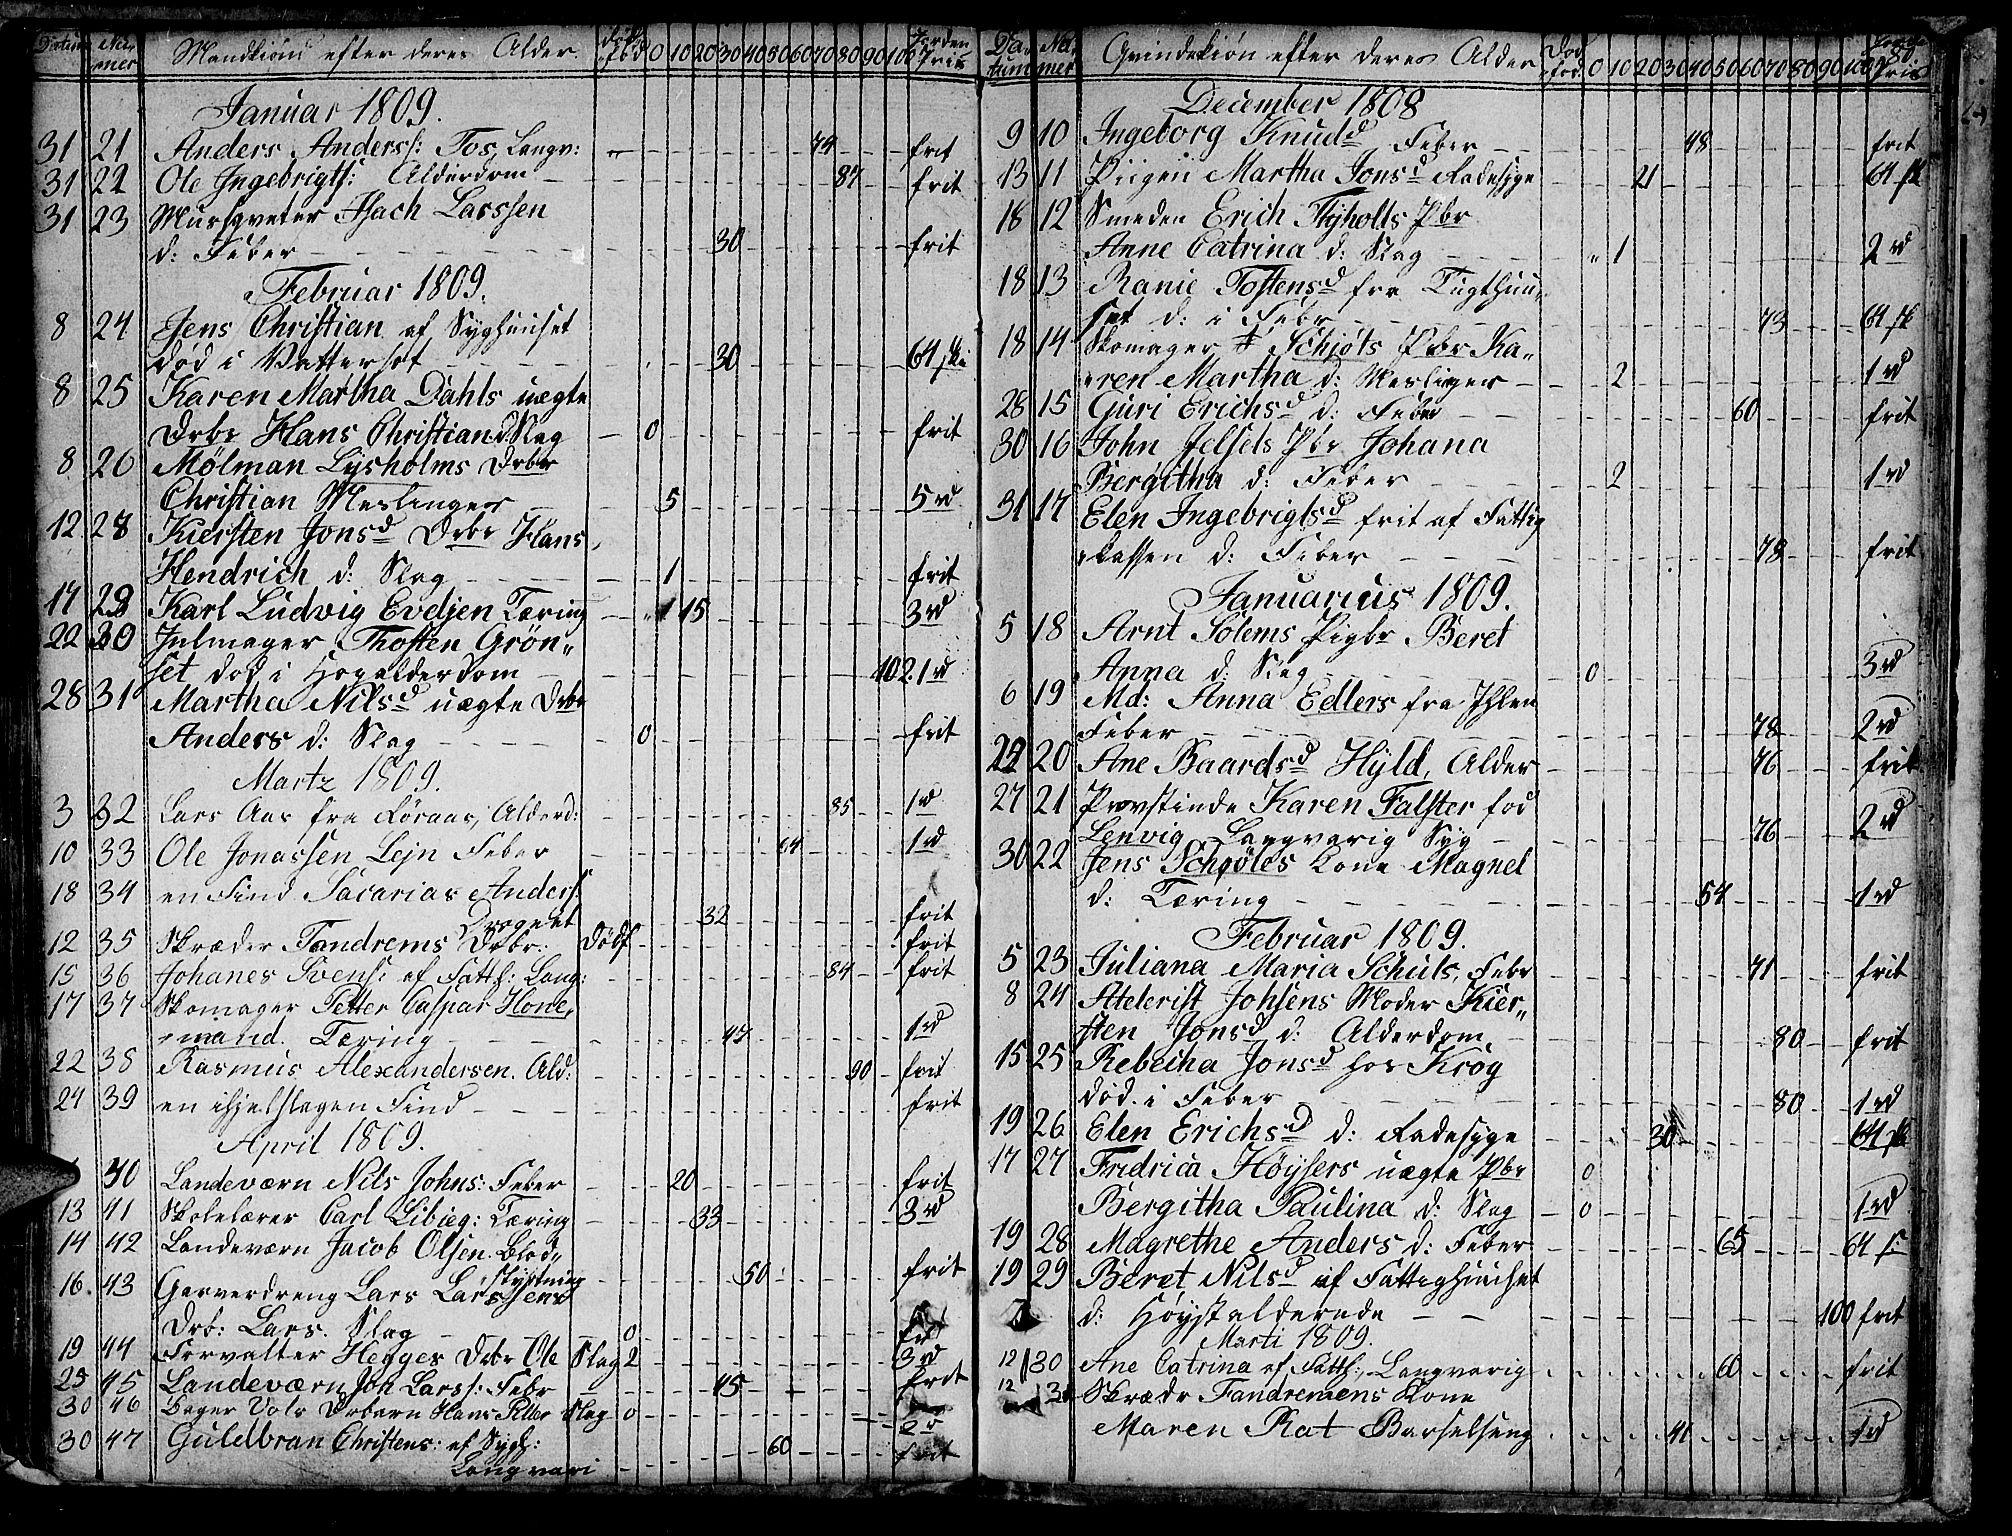 SAT, Ministerialprotokoller, klokkerbøker og fødselsregistre - Sør-Trøndelag, 601/L0040: Ministerialbok nr. 601A08, 1783-1818, s. 80